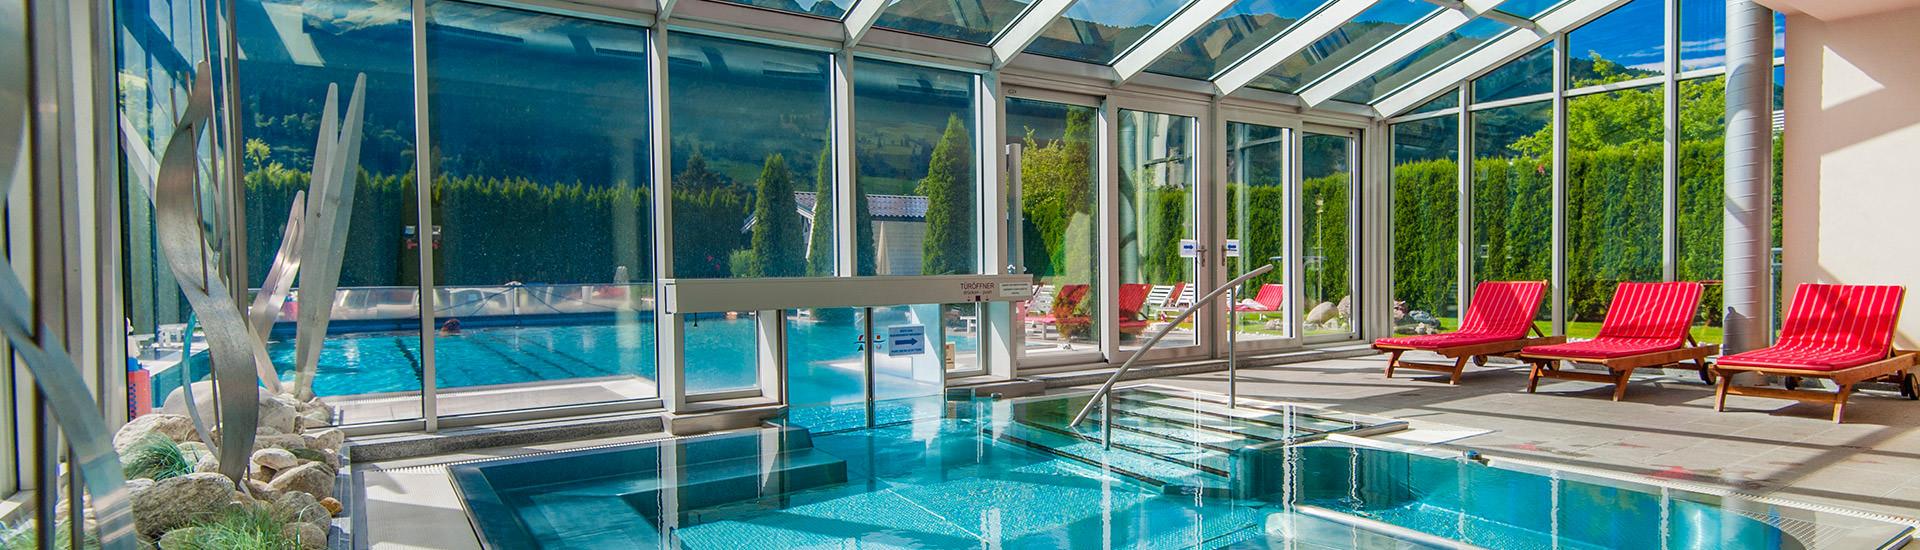 Genießen Sie Ihren Wellnessurlaub in Bad Hofgastein